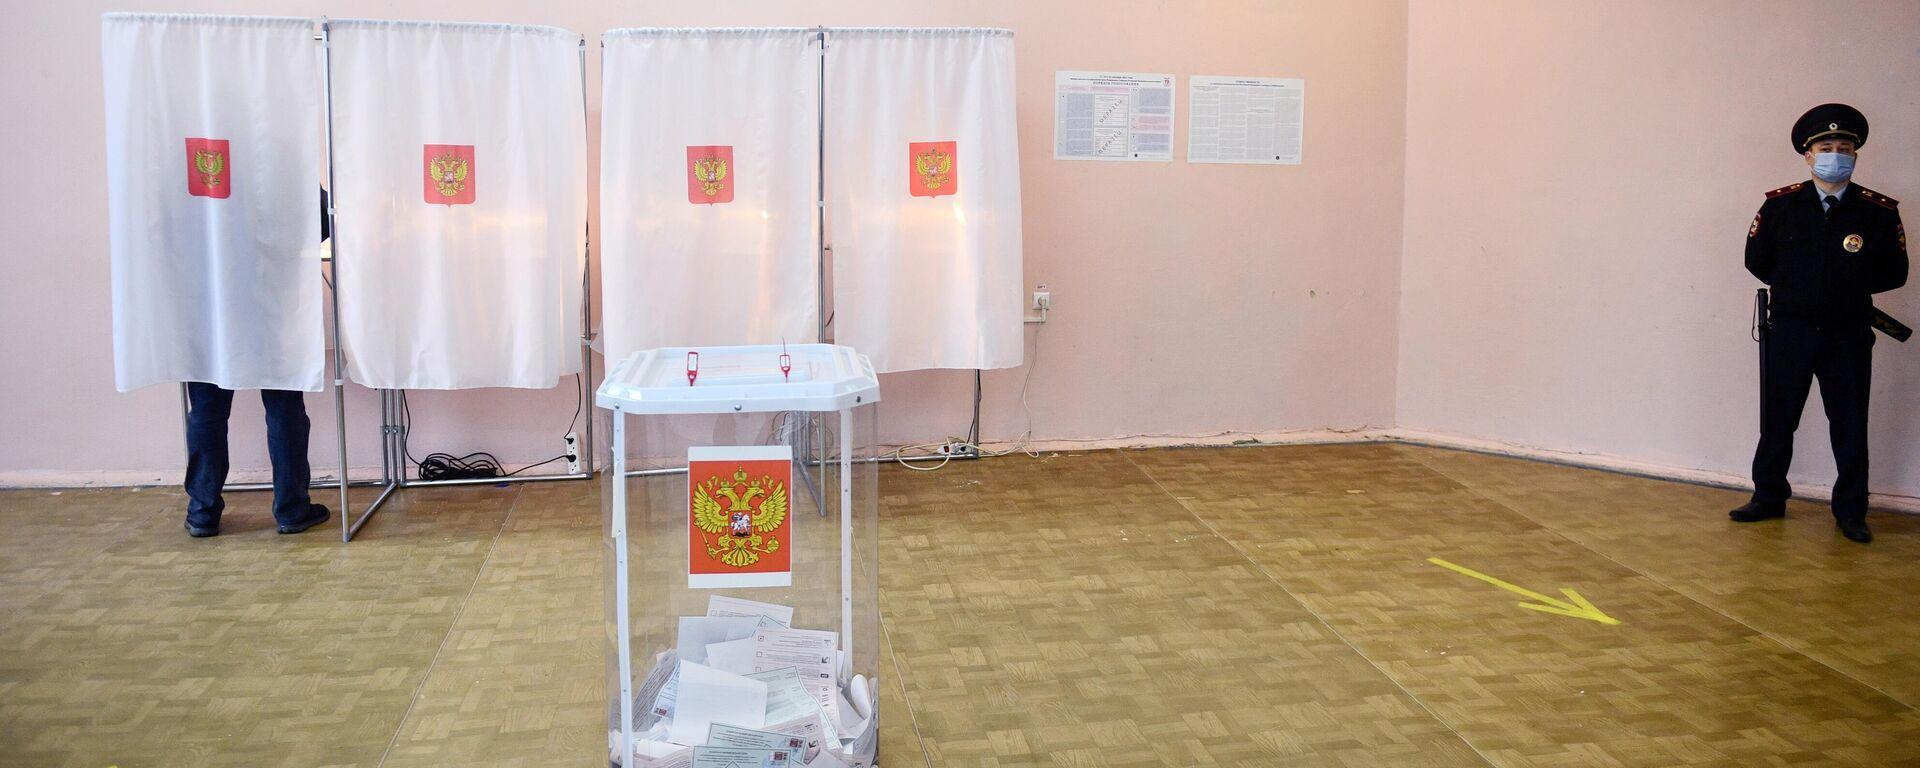 არჩევნები რუსეთში - Sputnik საქართველო, 1920, 18.09.2021